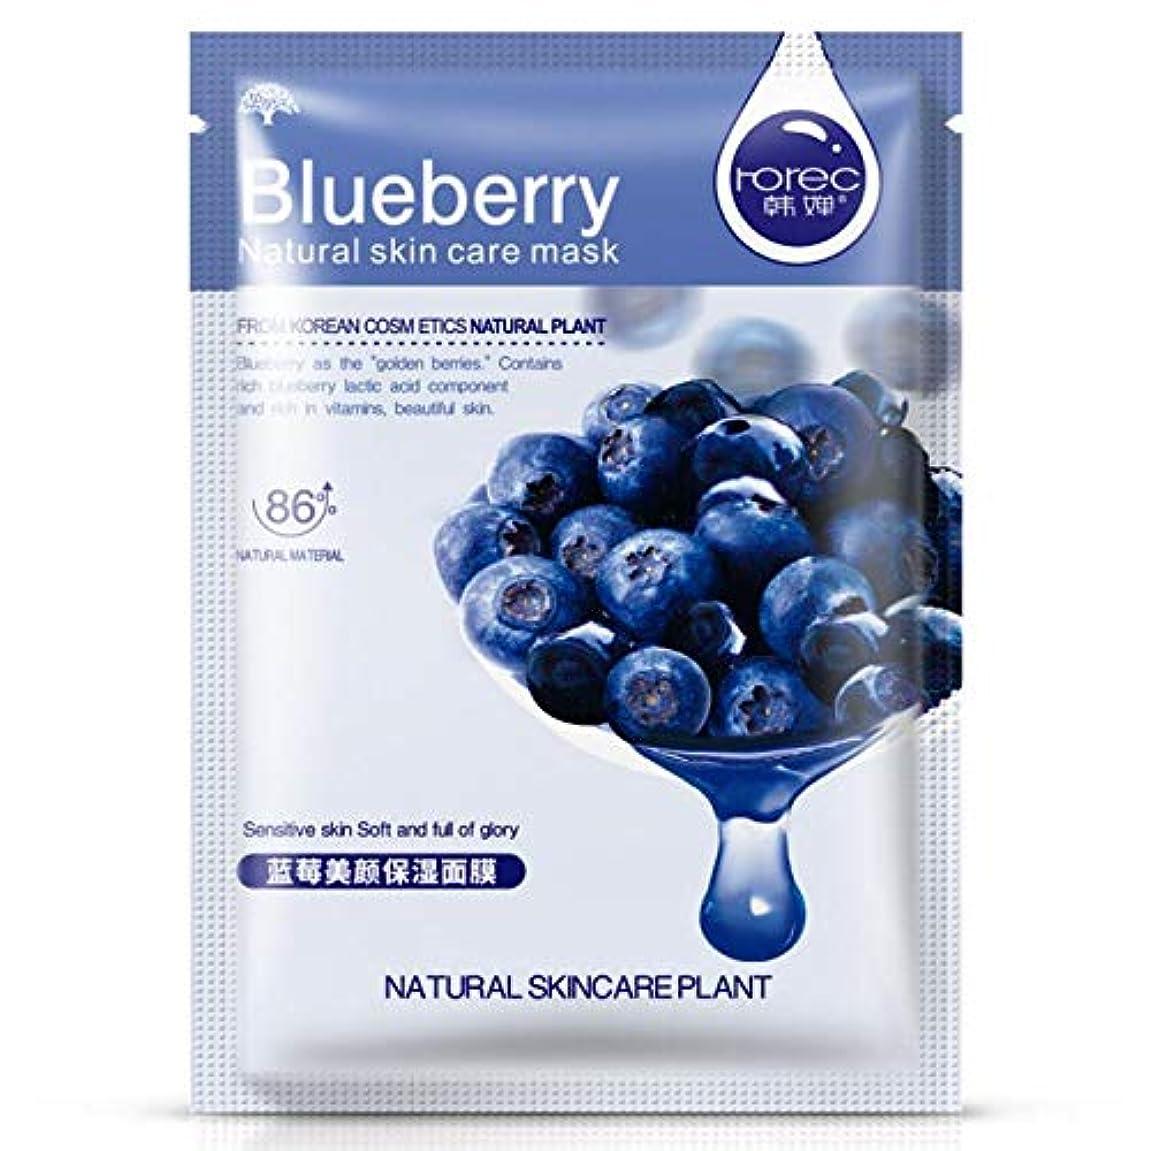 忘れるレギュラーくるくる(Blueberry) Skin Care Plant Facial Mask Moisturizing Oil Control Blackhead Remover Wrapped Mask Face Mask Face...